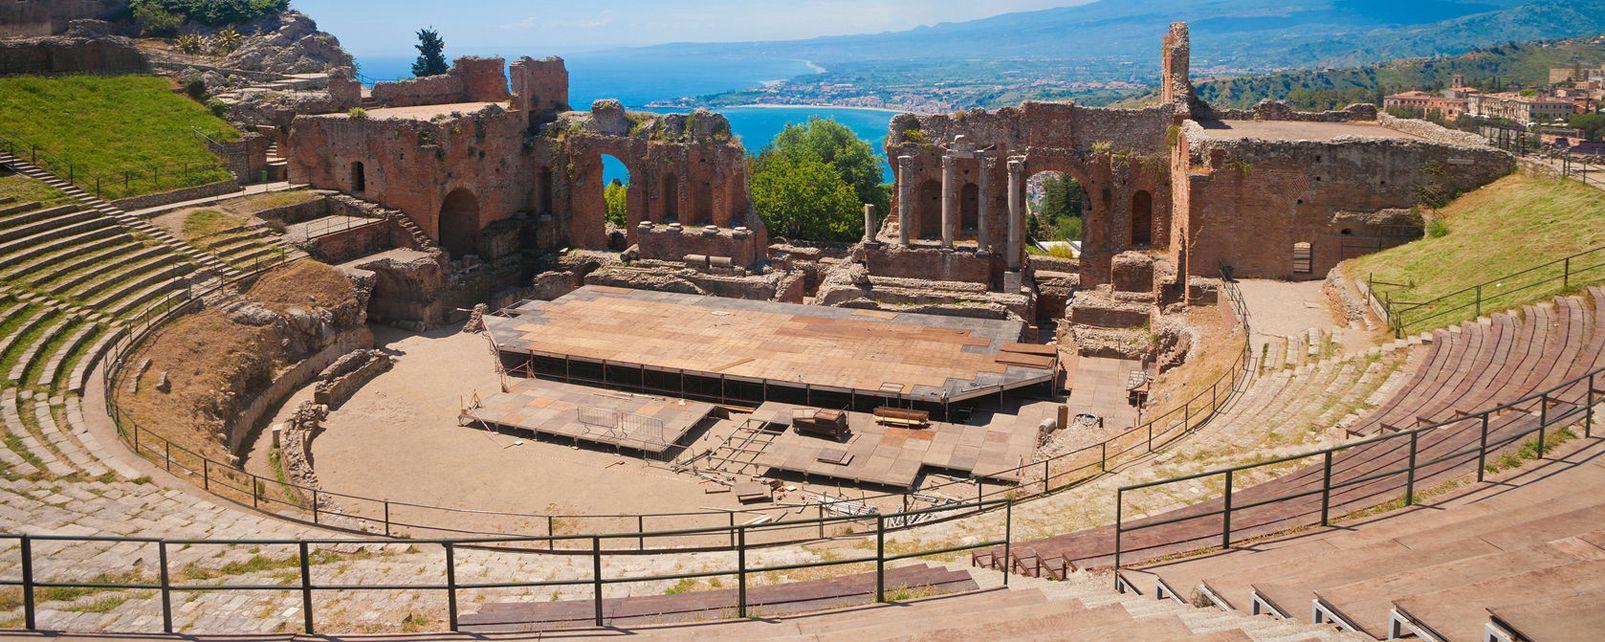 L'amphithéâtre de Taormine , Italie